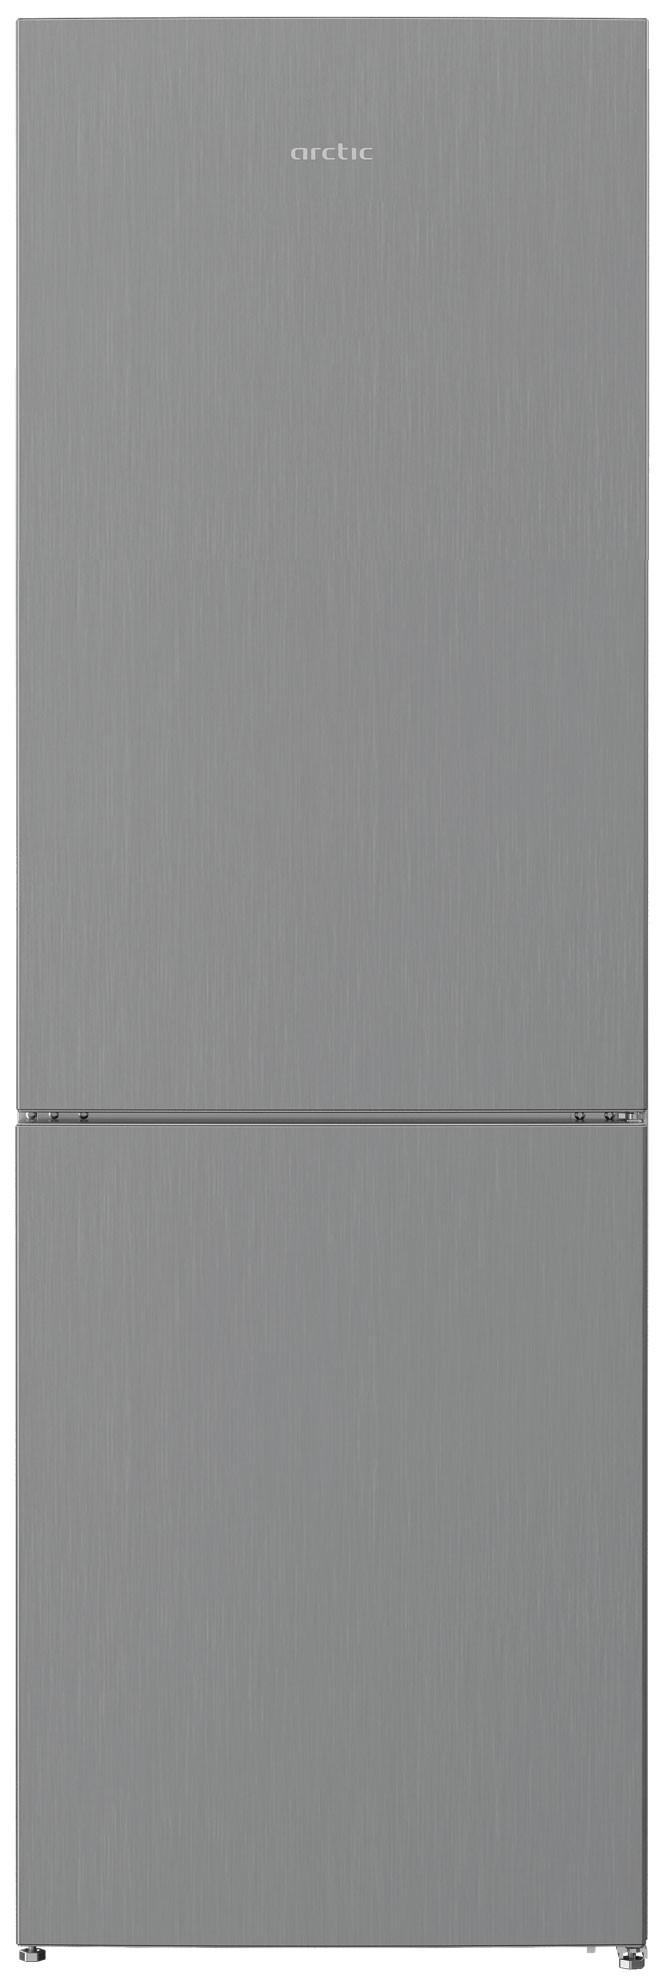 Combina frigorifica, Arctic, AK60366M30NFMT, 324 l, Clasa F, H 185,2  cm, Metal Look